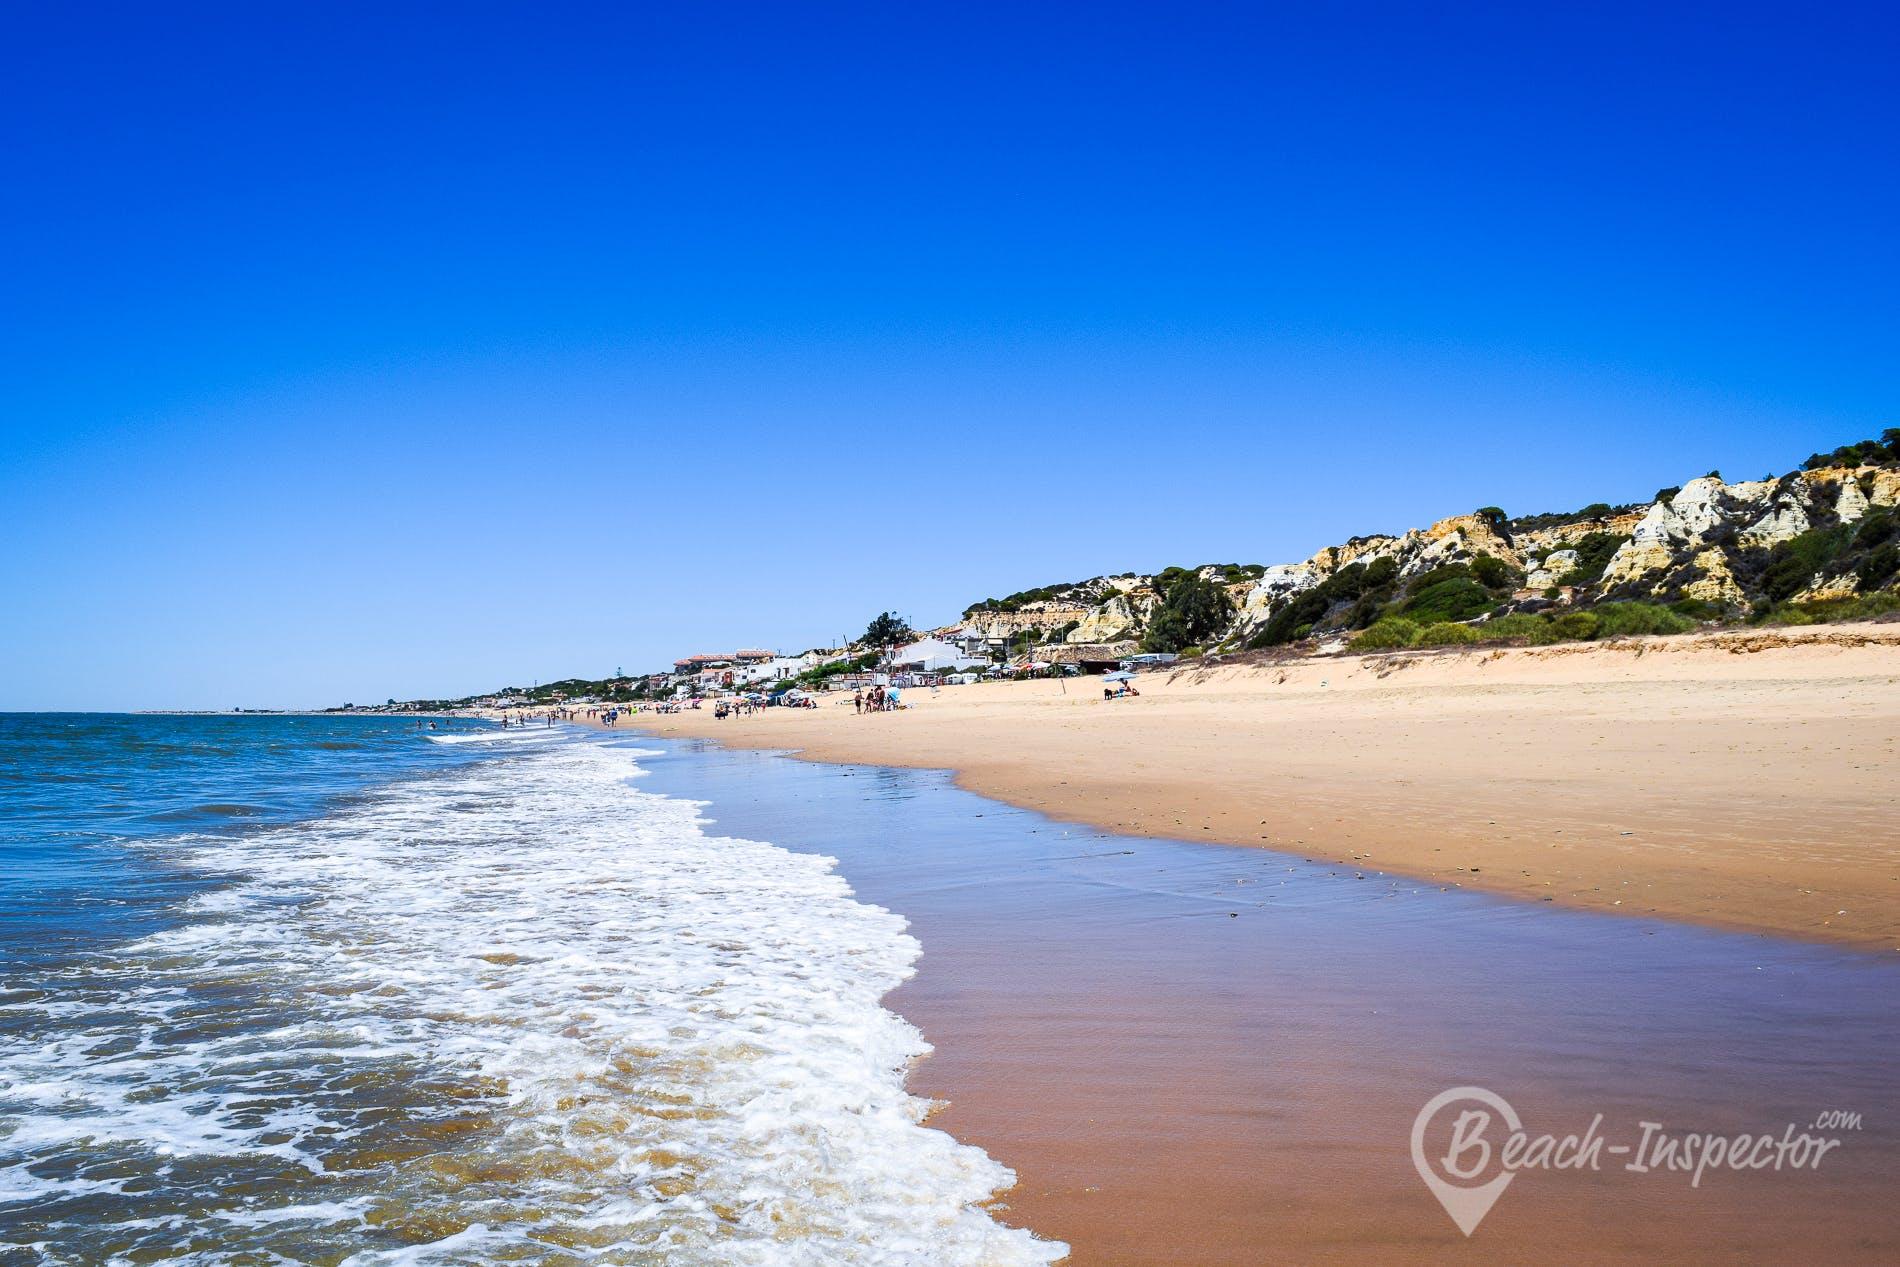 Beach Playa de la Estrella, Costa de la Luz, Spain